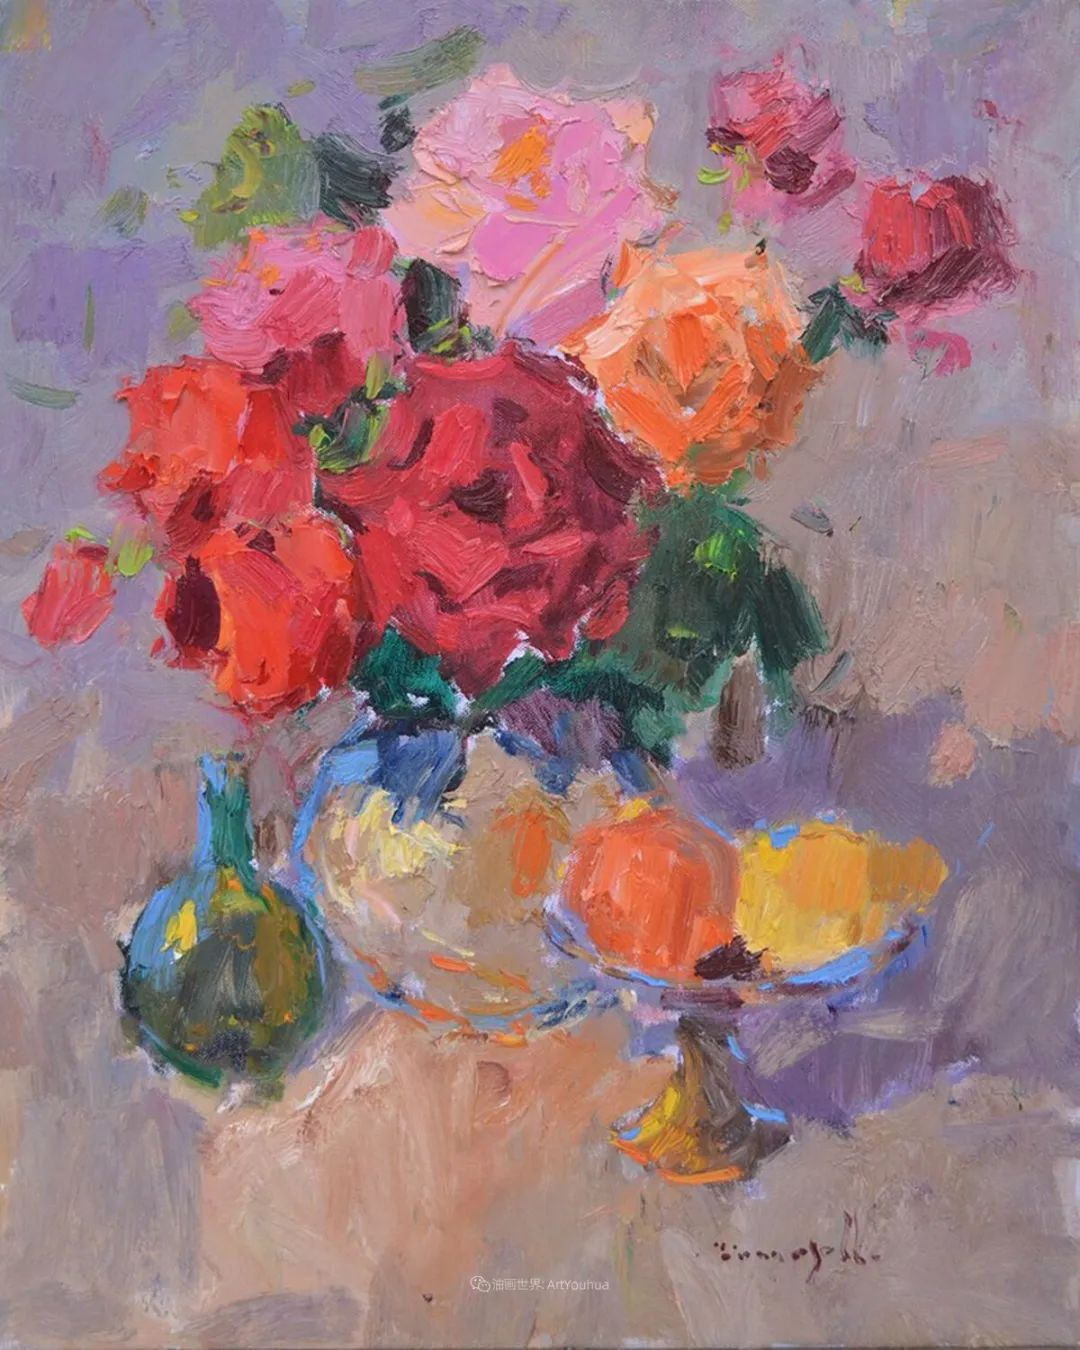 冷暖的色彩碰撞,迷人的静物与花卉作品!插图69